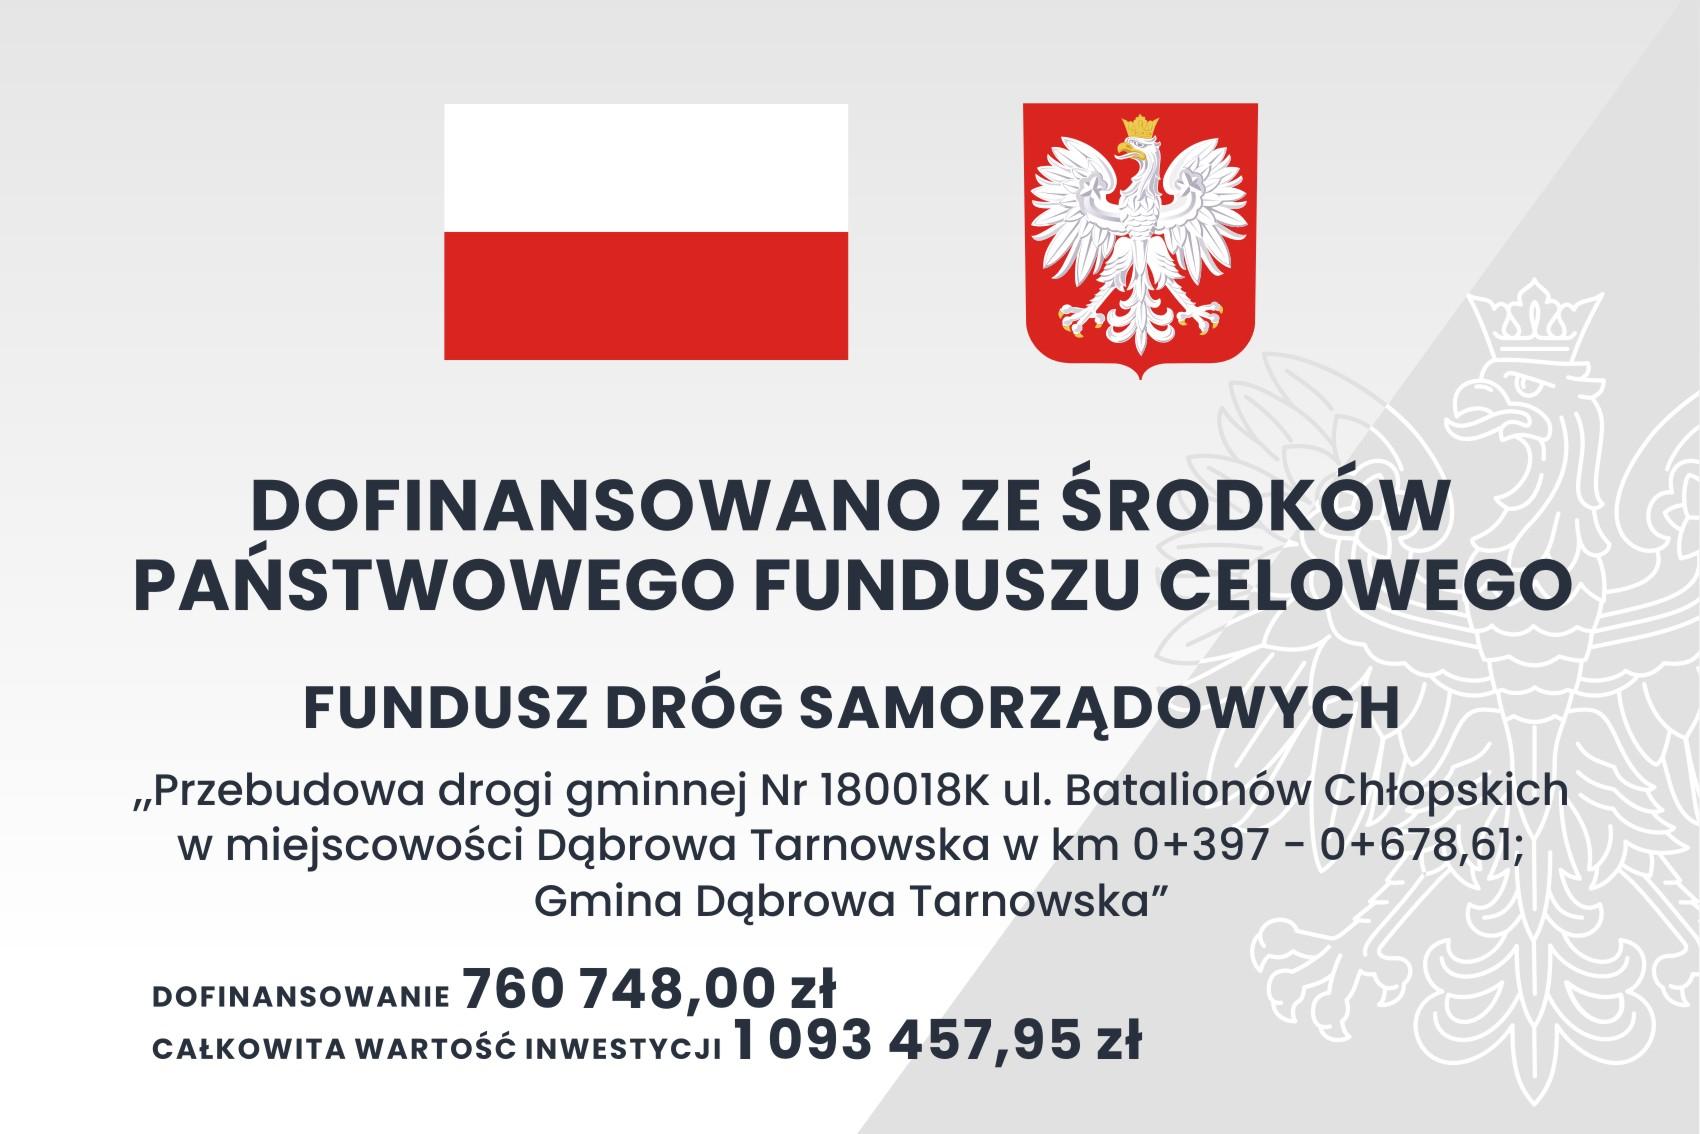 tablica3 FDS 2szt1 <cent />Fundusz Dróg Samorządowych<br>w Gminie Dąbrowa Tarnowska</center>